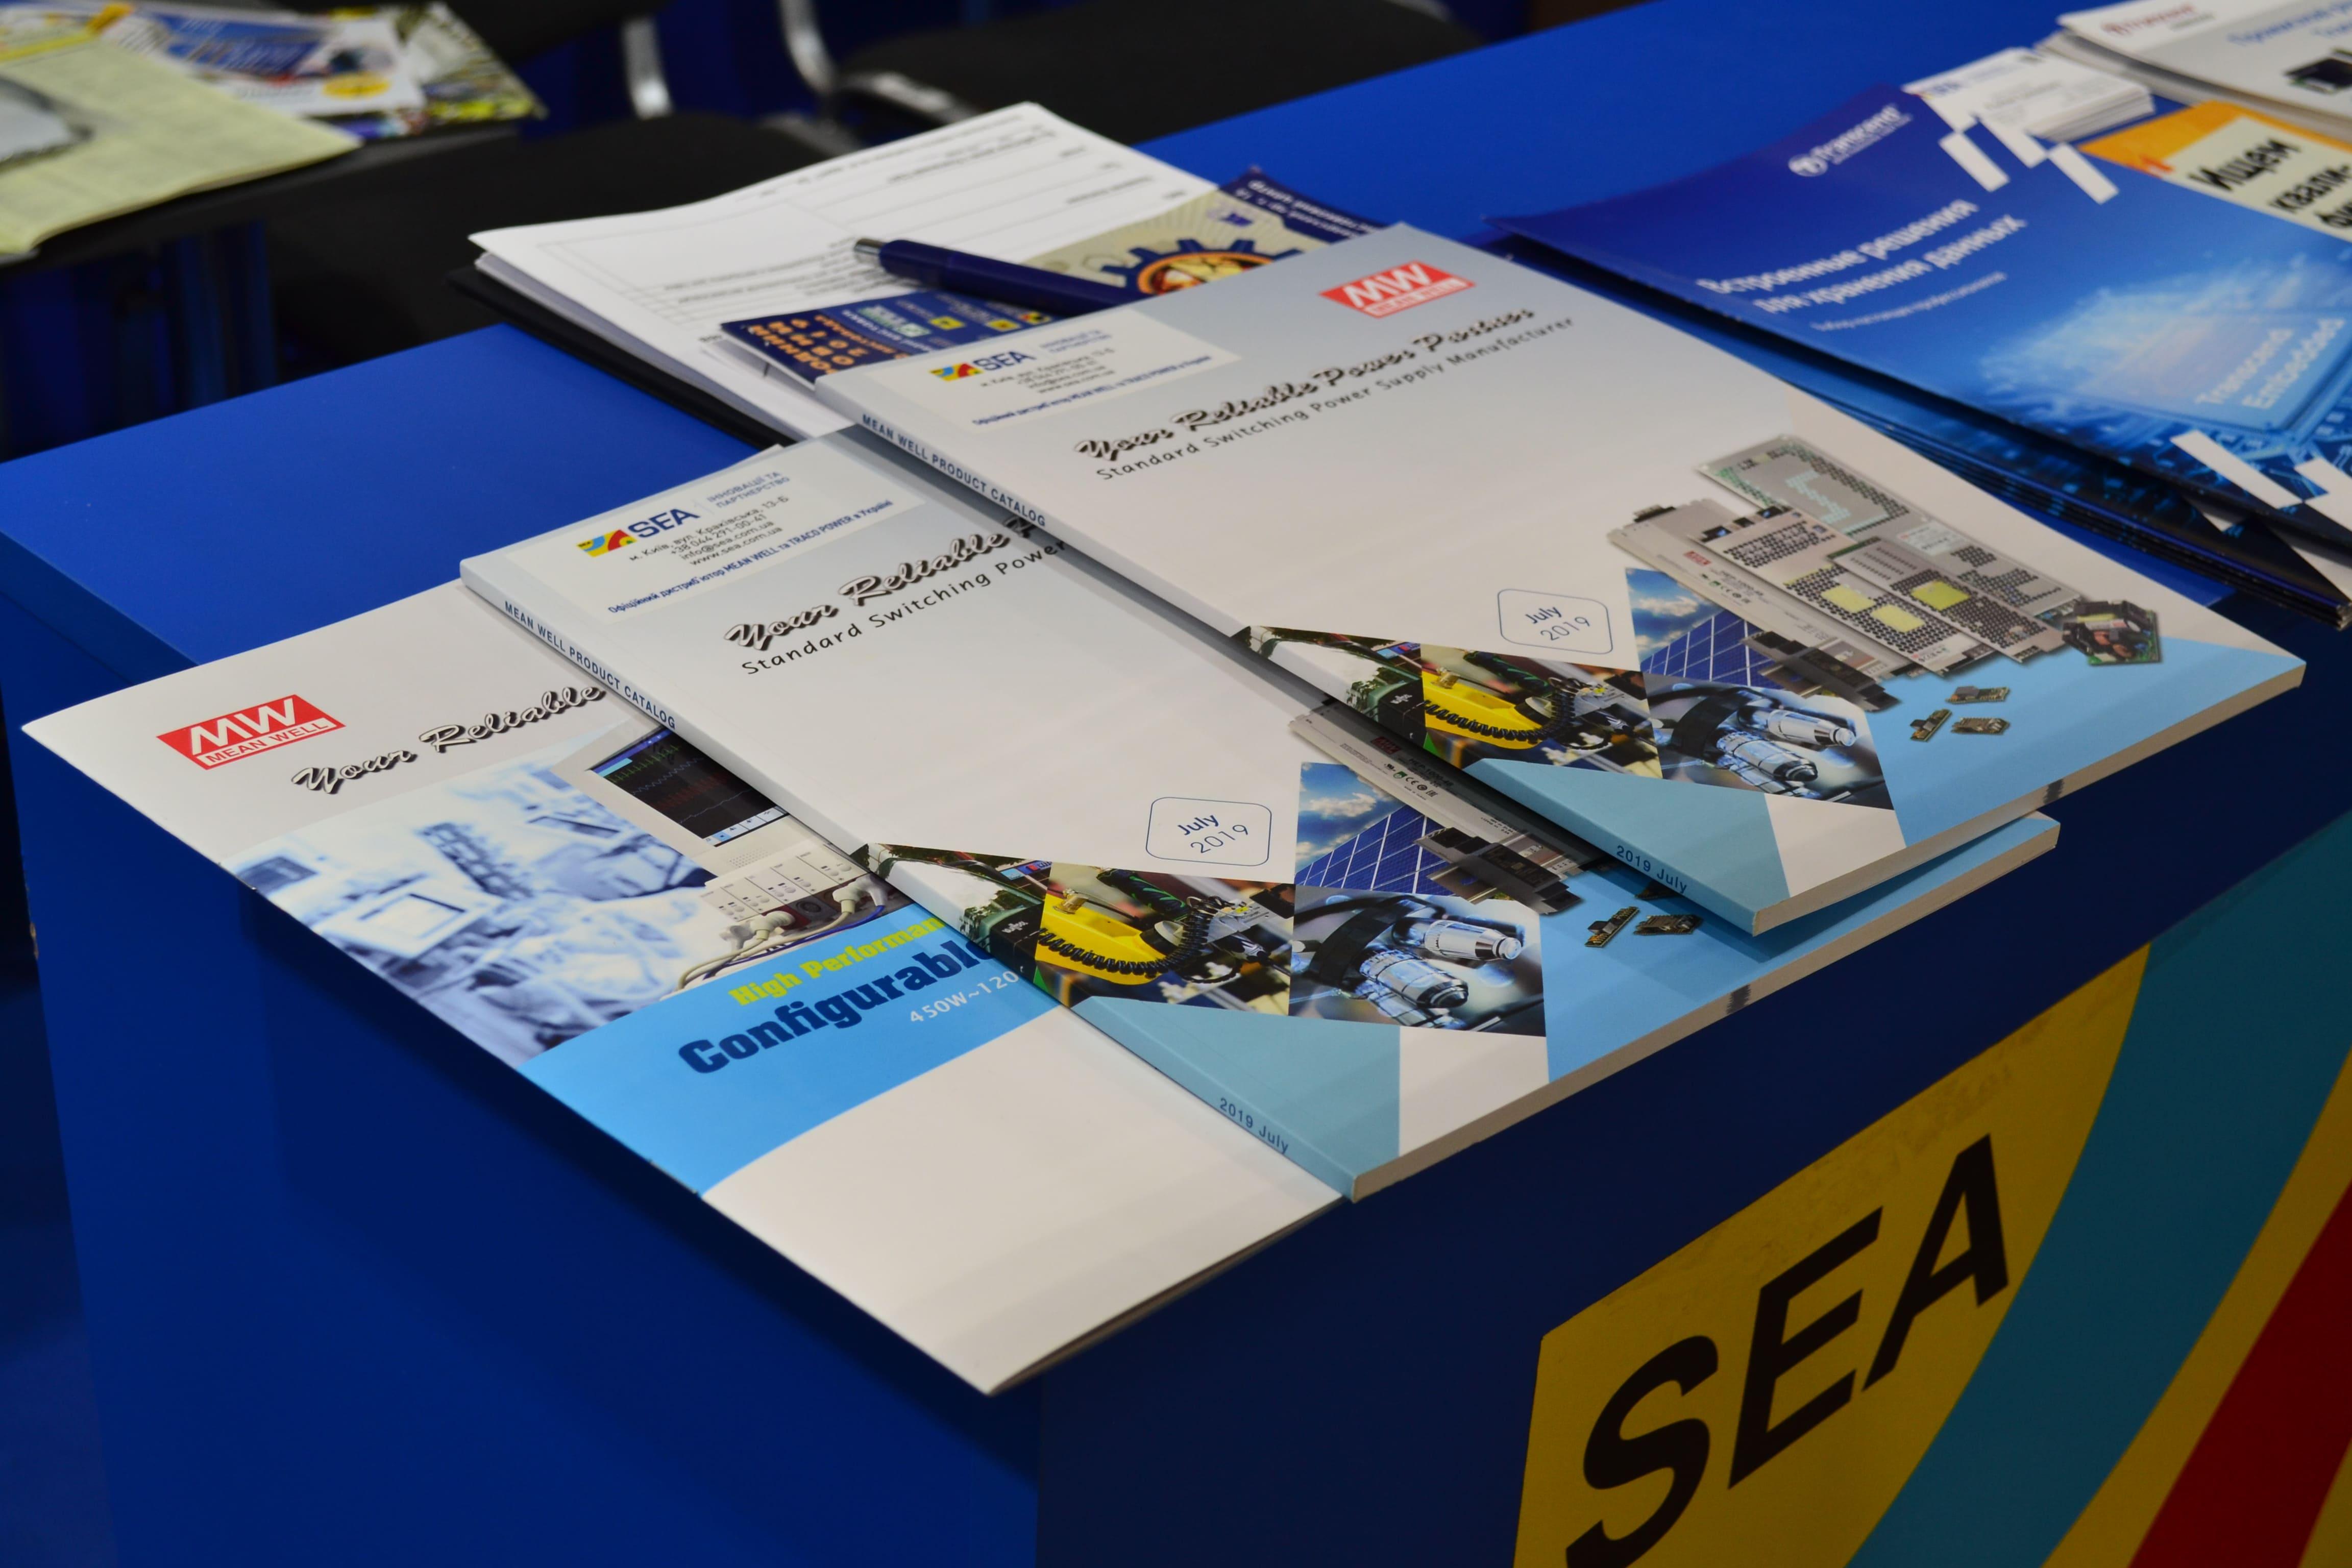 Оружие и безопасность 2019, выставка Оружие и безопасность, контрактное производство, Fischer Connectors, техника и вооружение